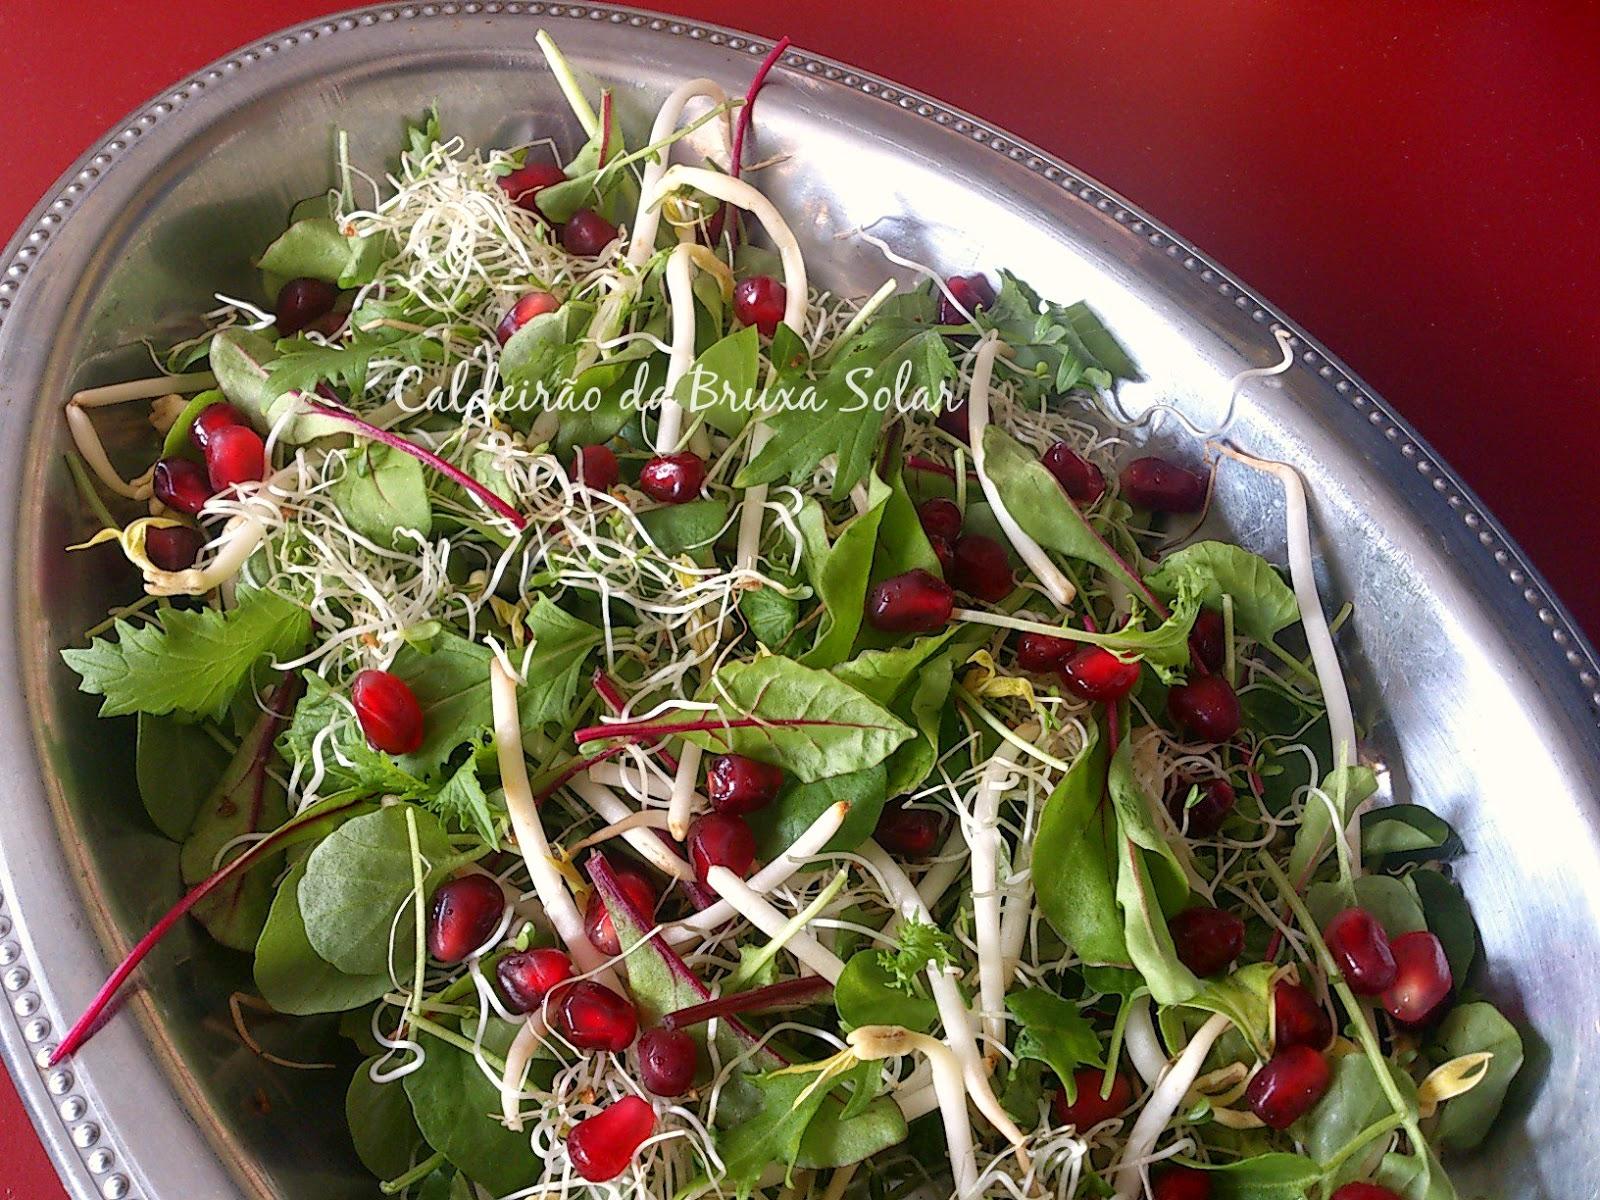 Salada de mini folhas, brotos e romã